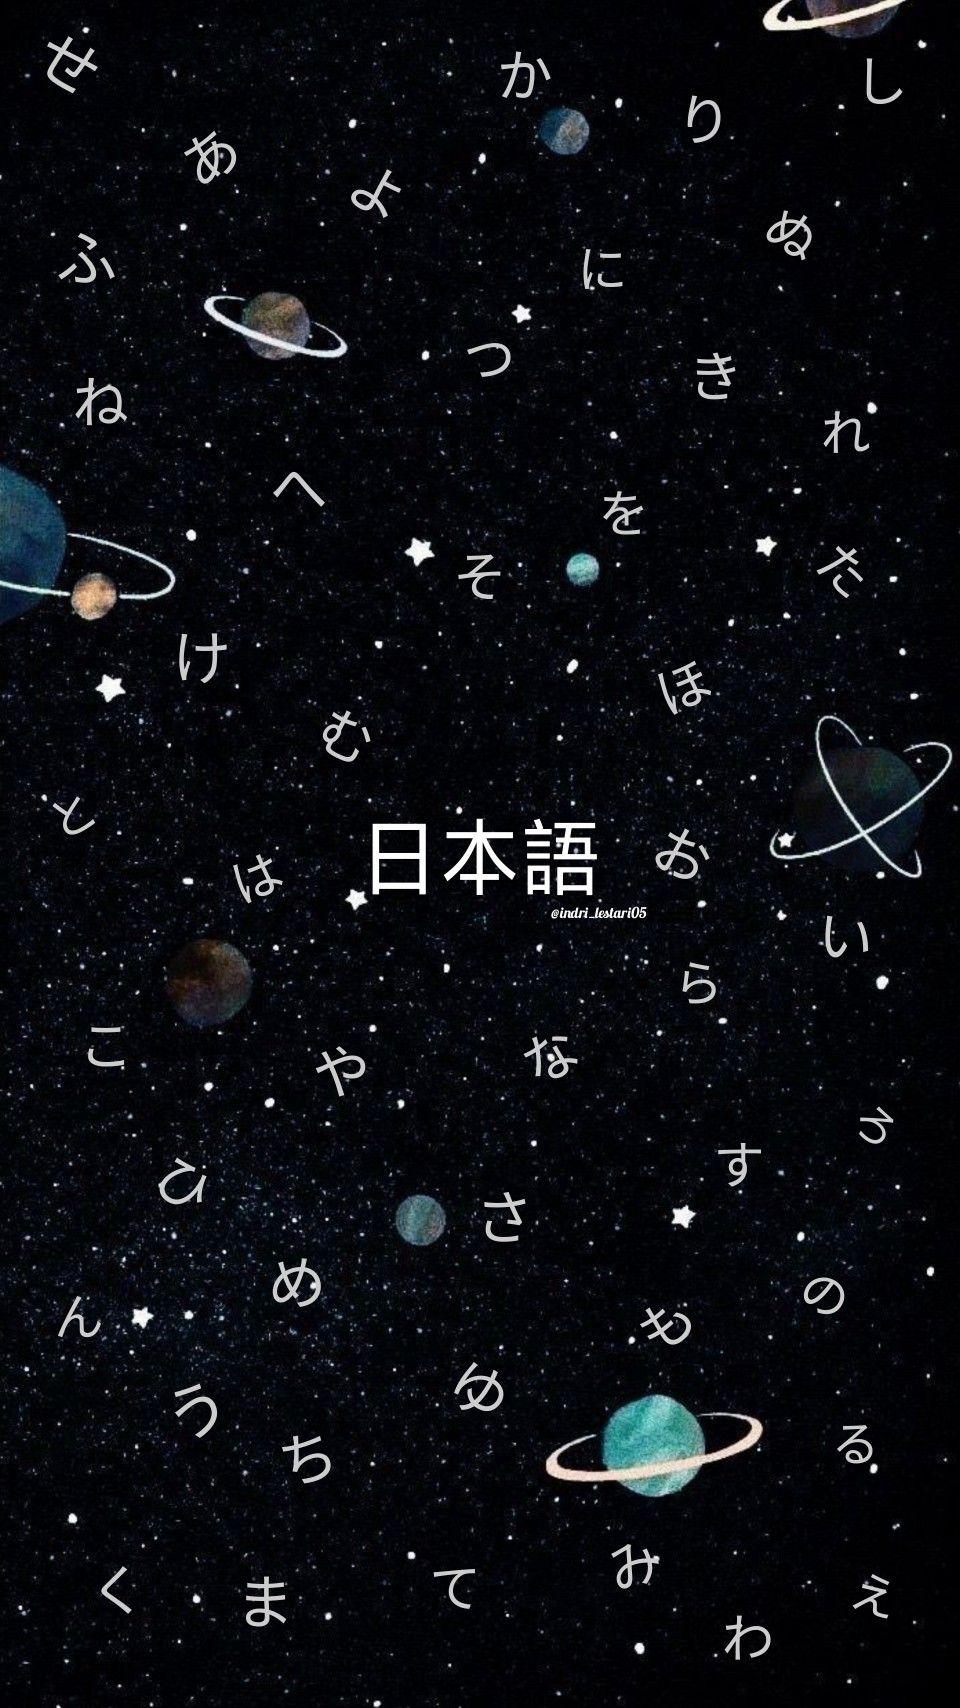 Huruf Jepang (hiragana) di 2020 Hiragana, Jepang, Huruf